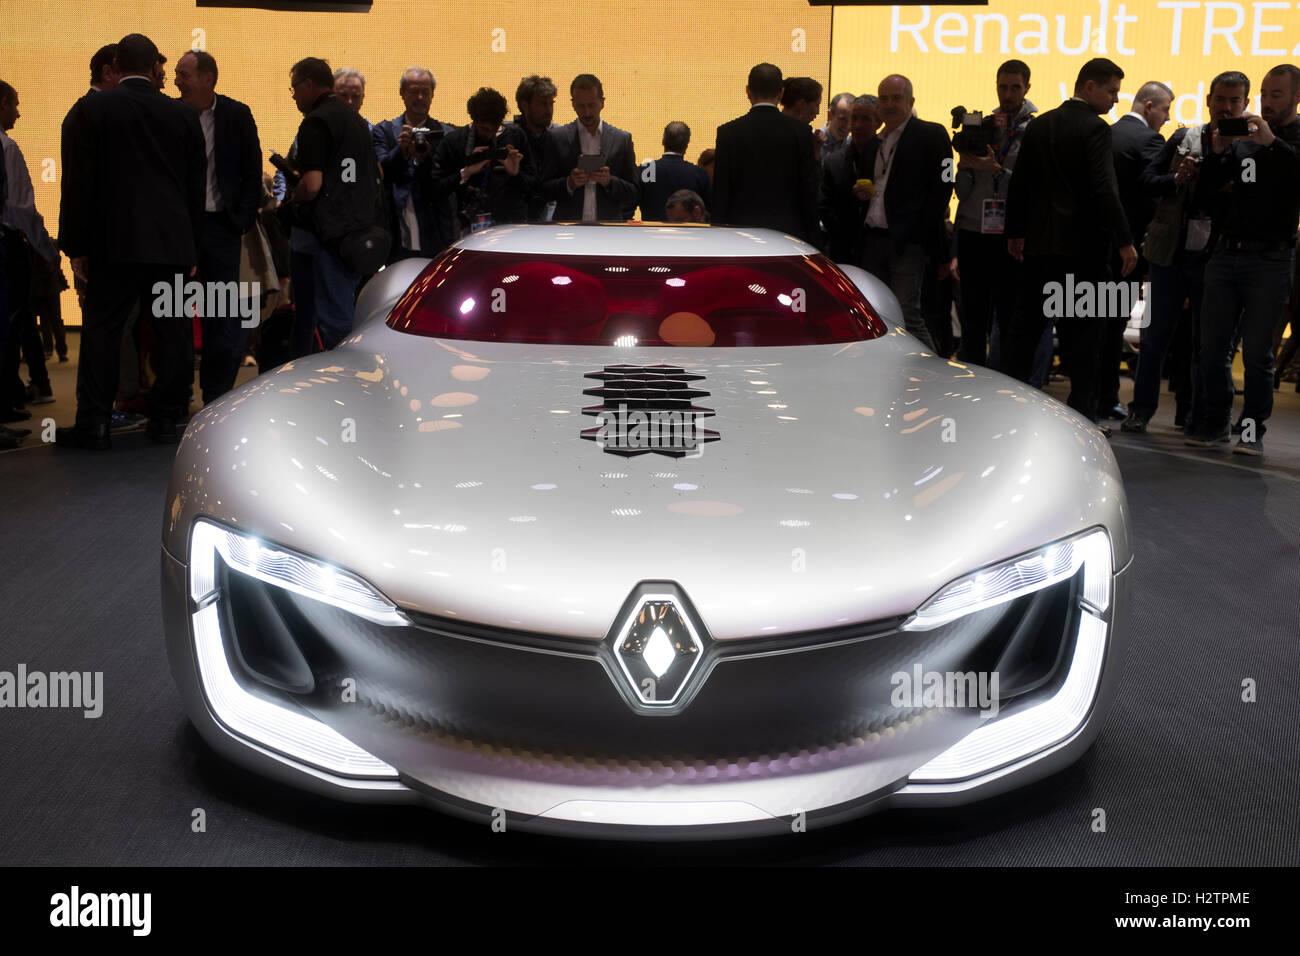 Première mondiale de Trezor supercar électrique Renault concept à Paris Motor Show 2016 Banque D'Images